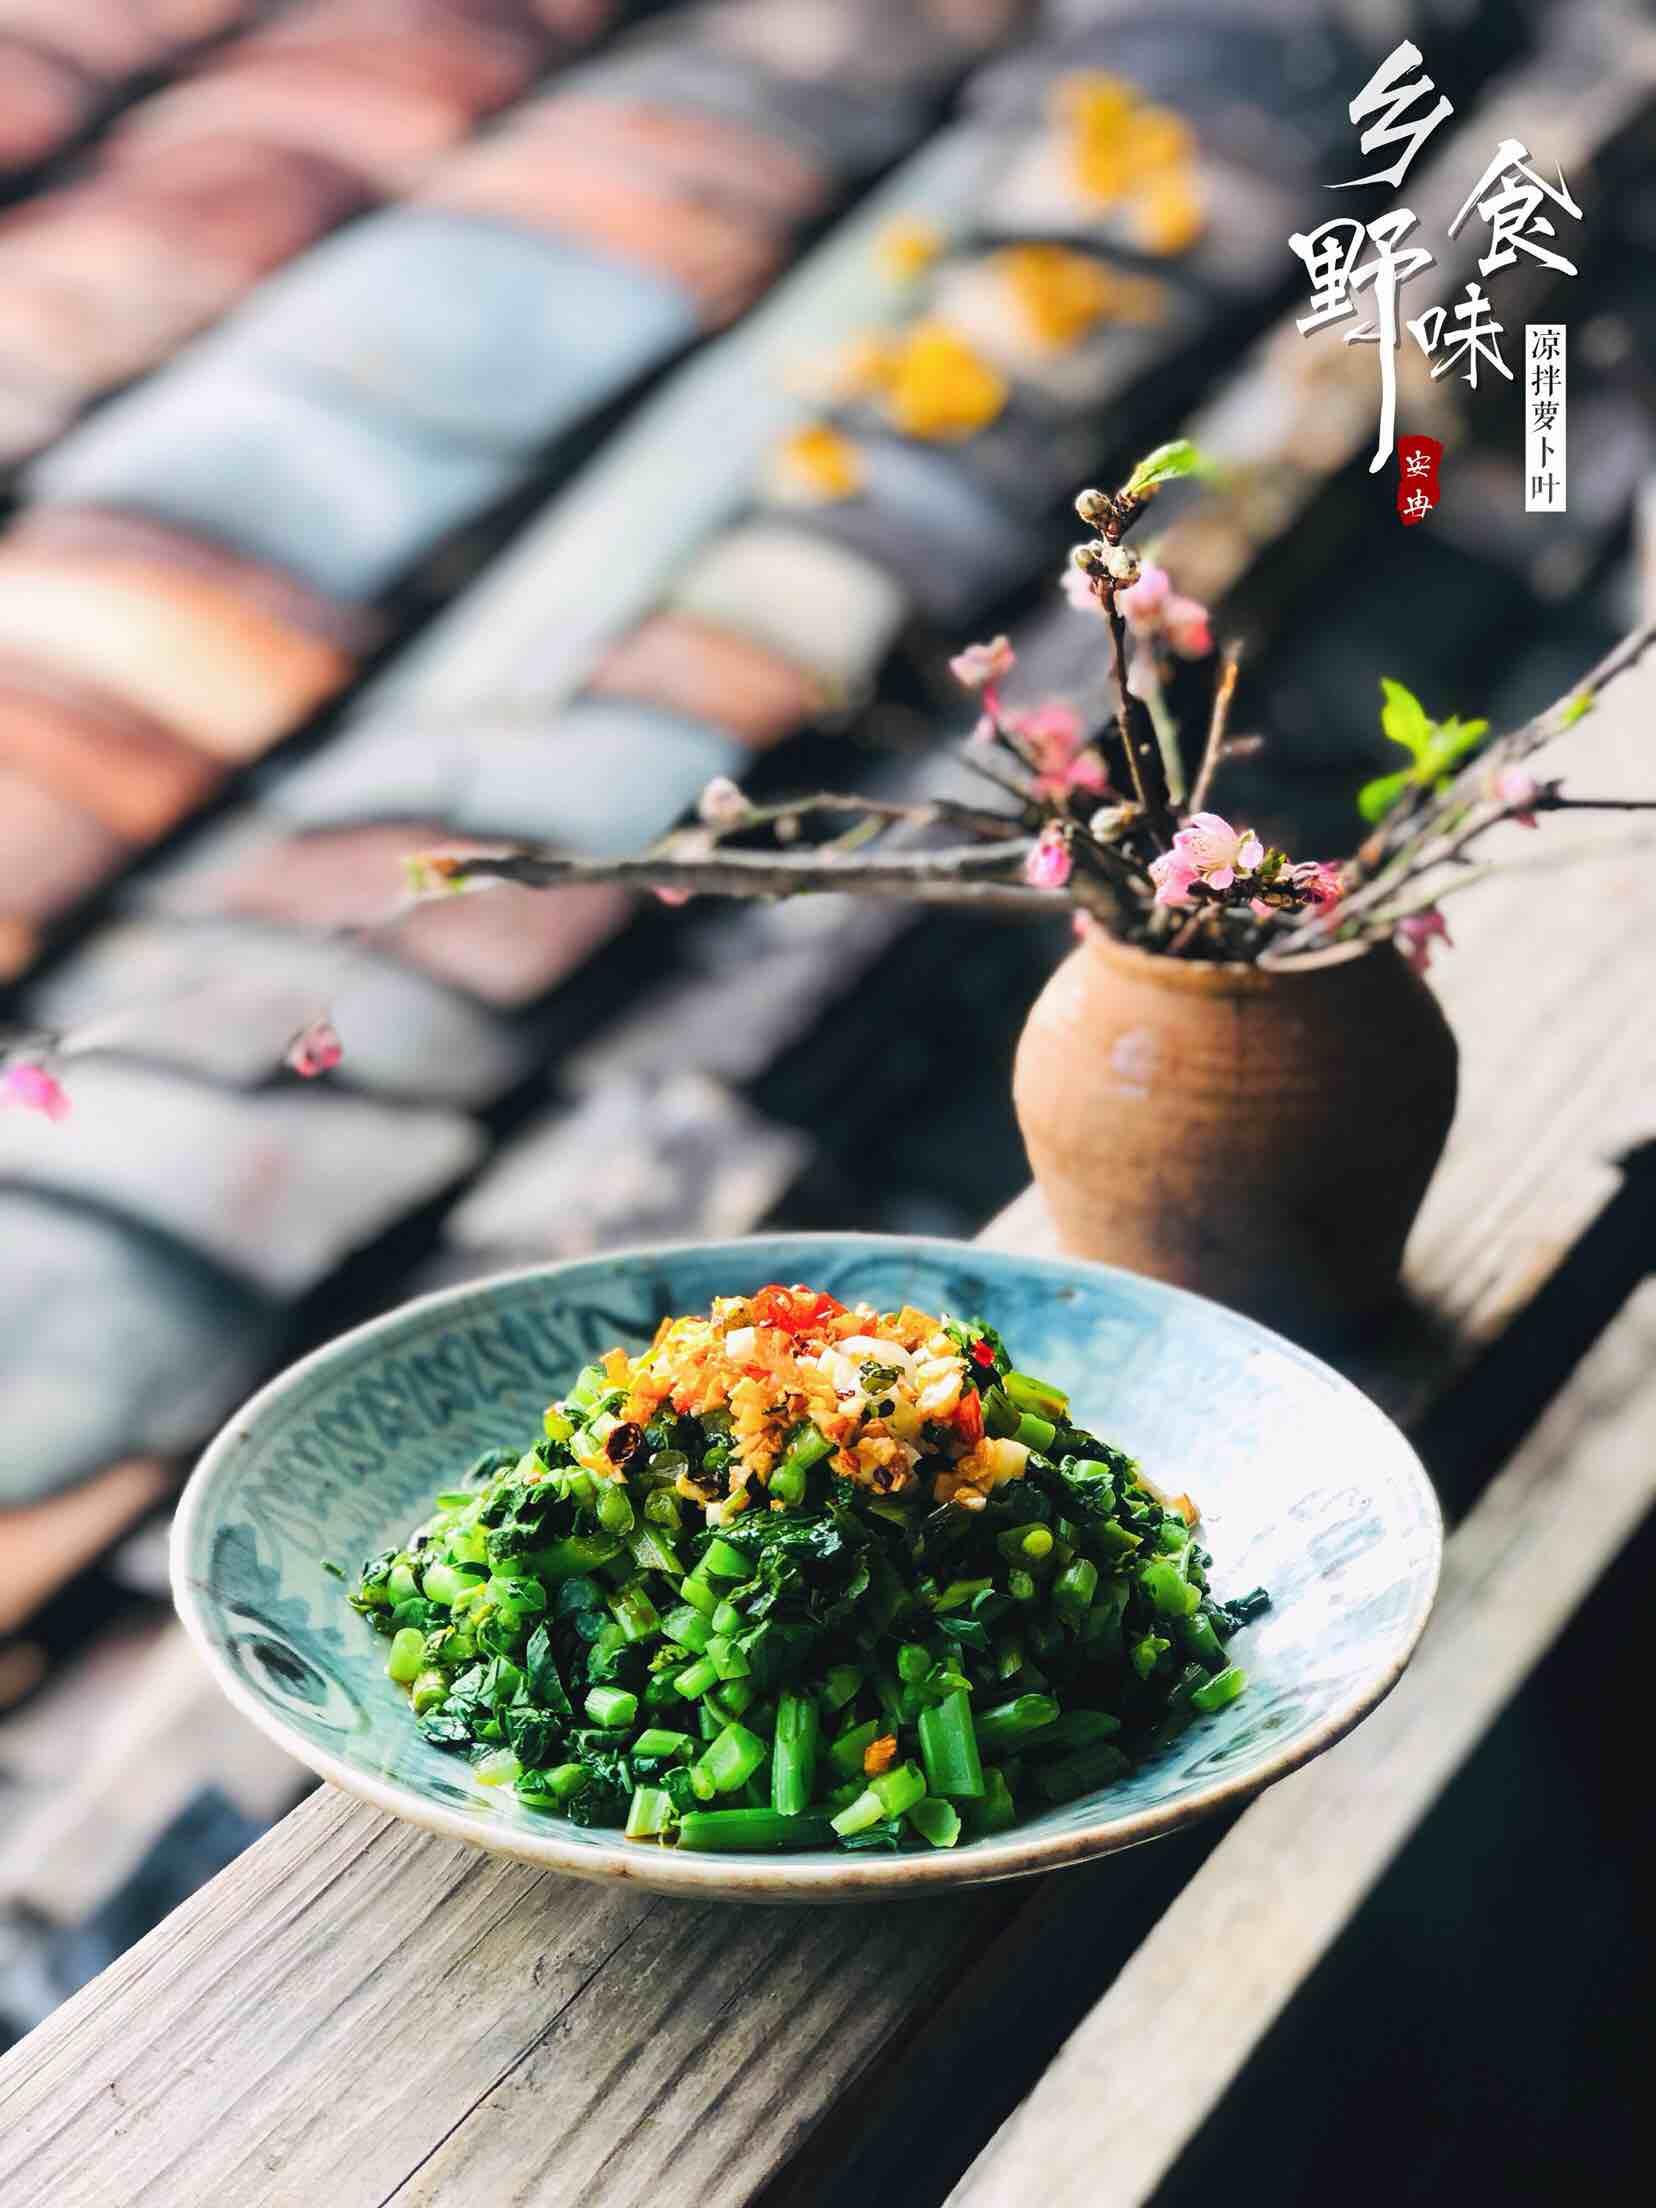 乡食之凉拌萝卜叶怎样煮